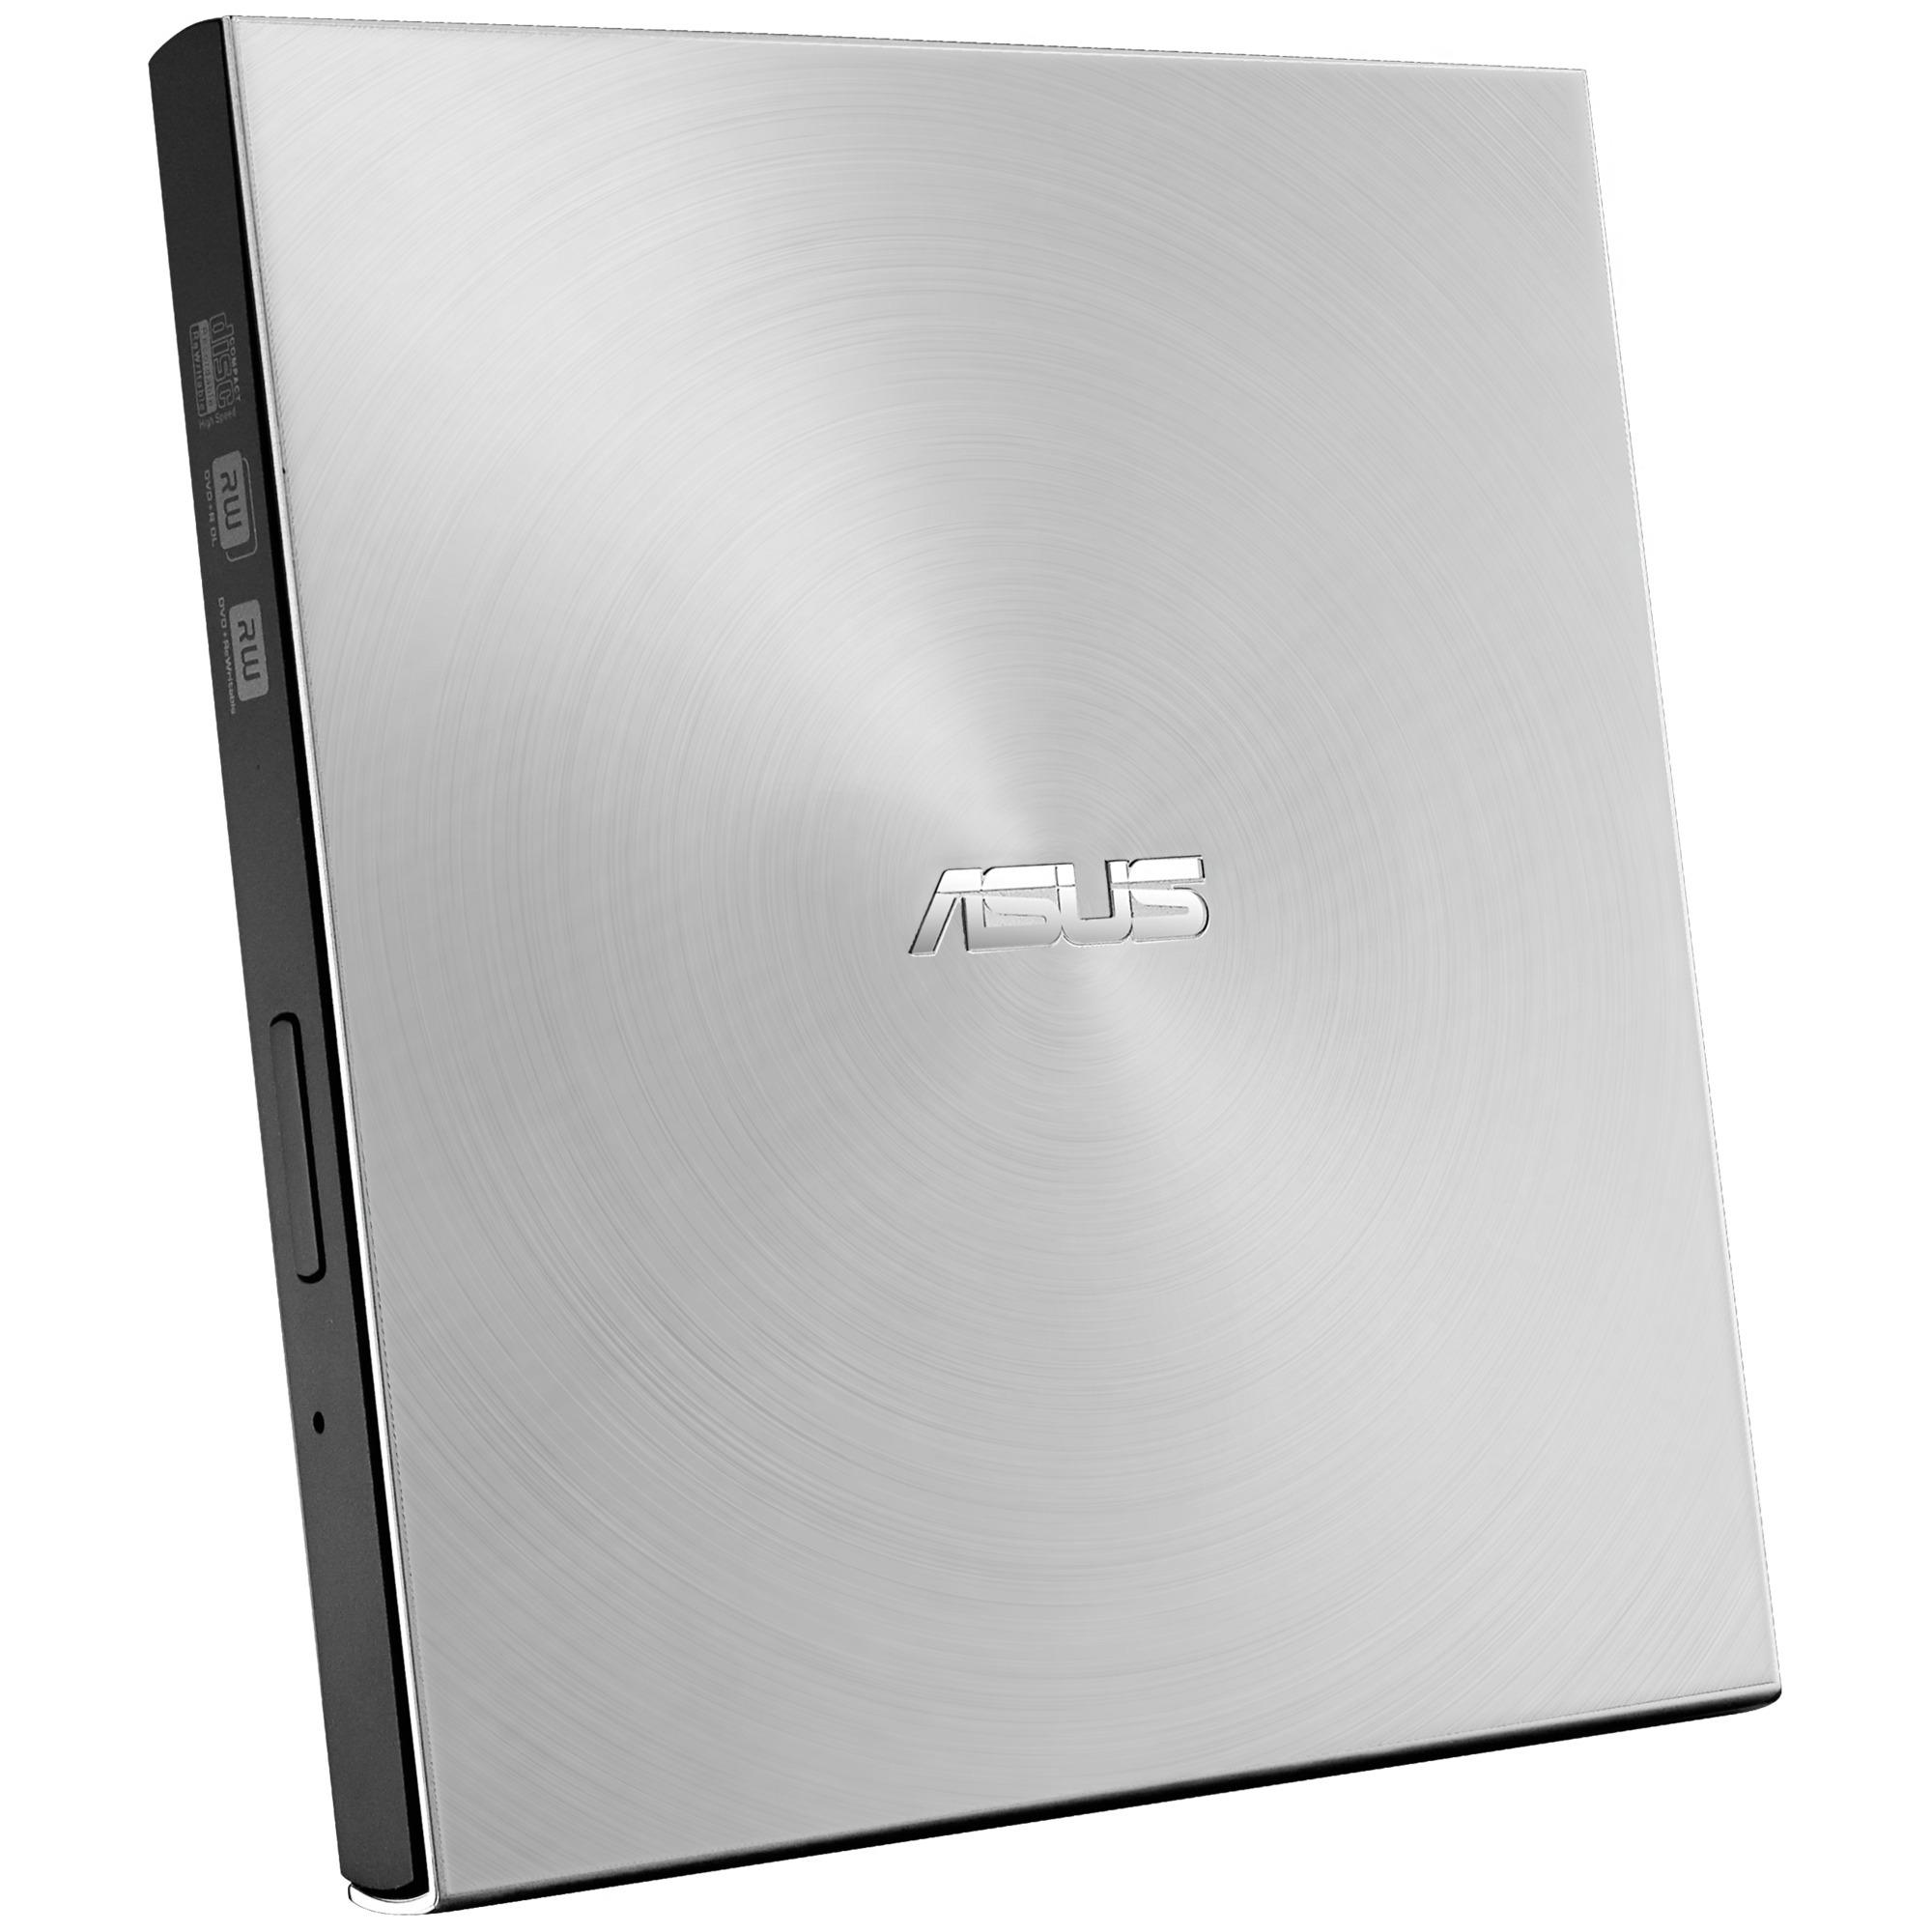 SDRW-08U7M-U DVD±RW Argent lecteur de disques optiques, graveur de DVD externe